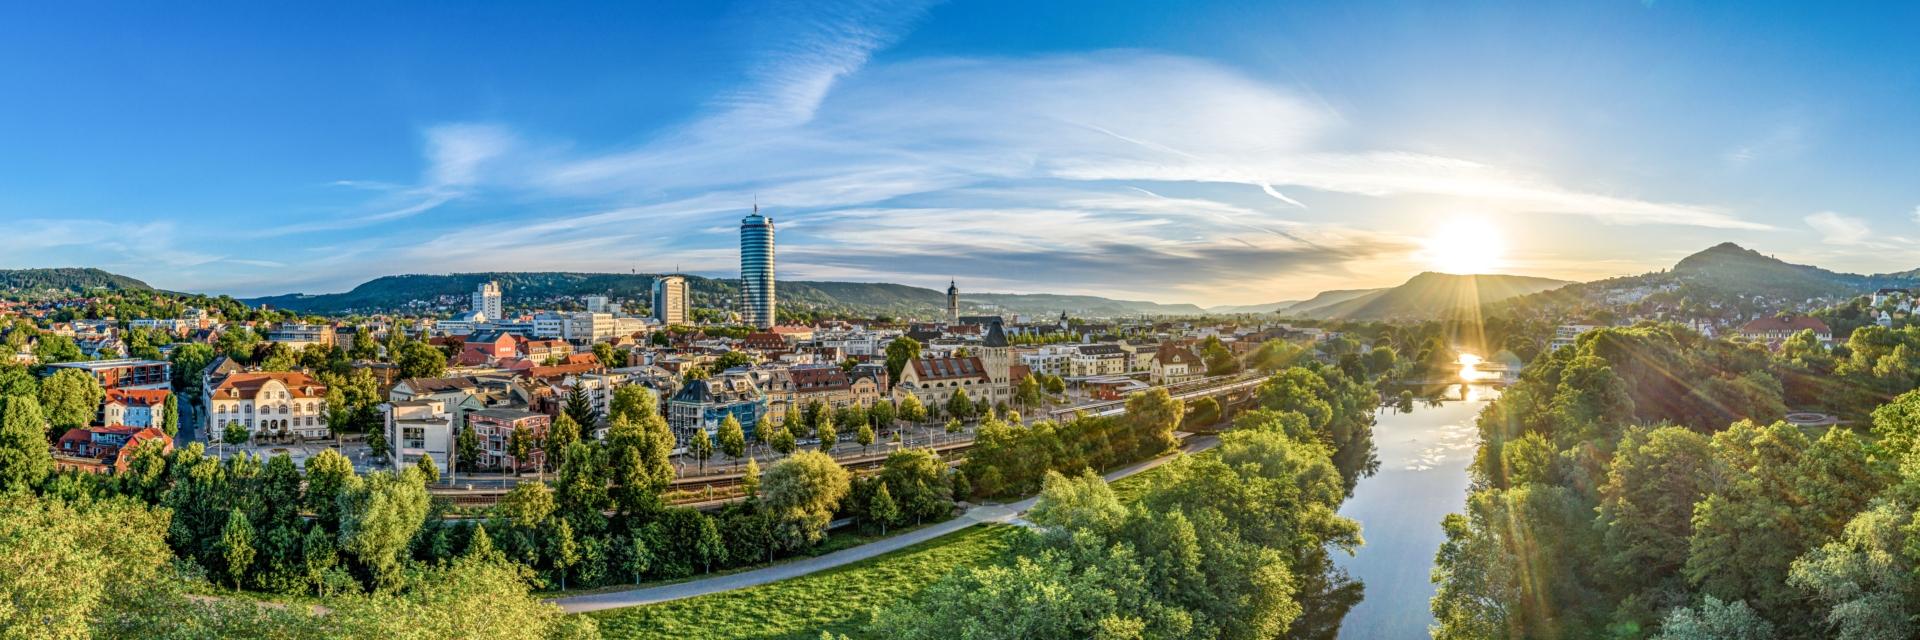 Panorama der Tagungsstadt Jena am Tag bei Sonnenschein © JenaKultur, Foto: André Gräf